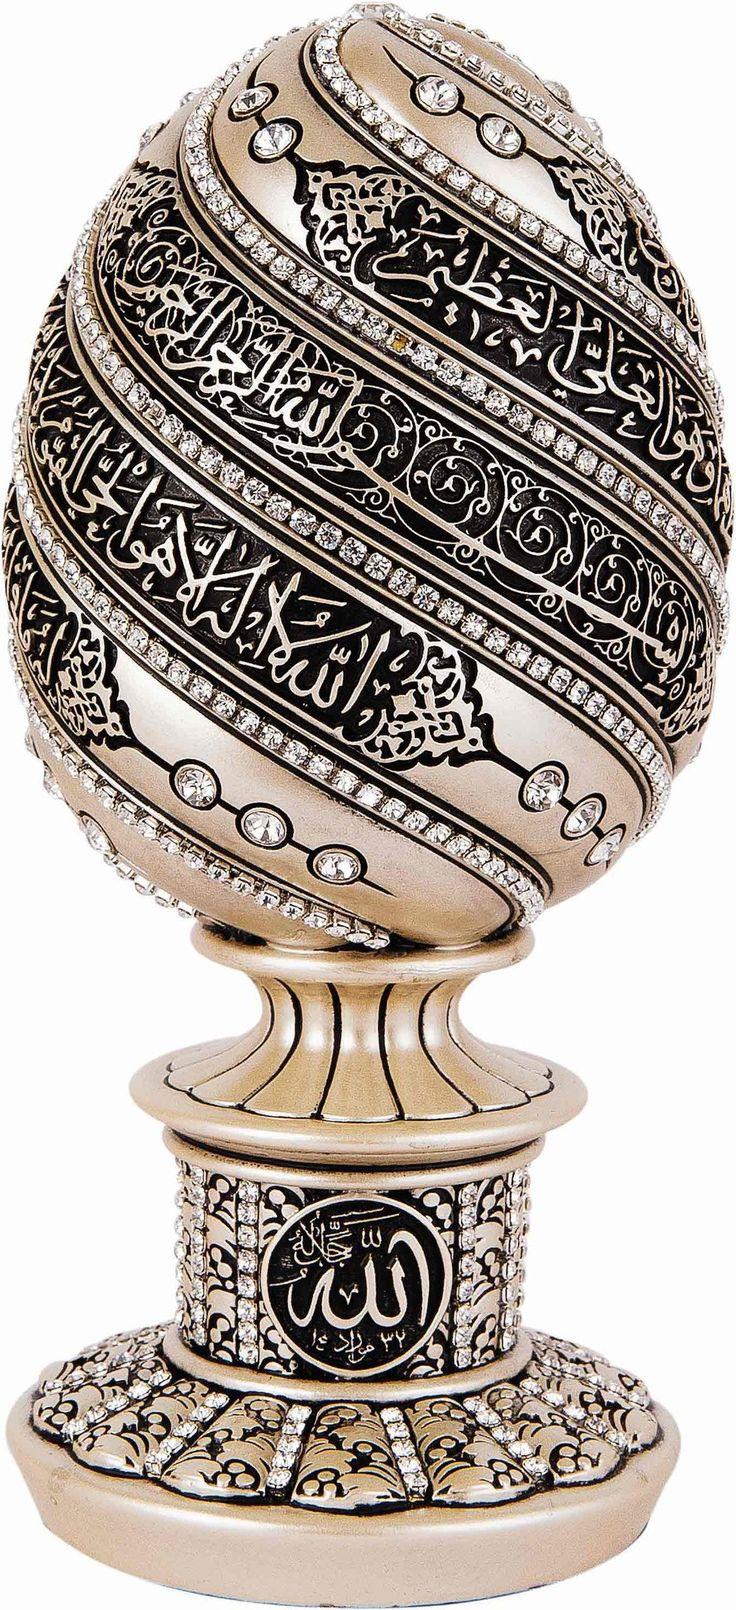 Ayatul Kursi Statue Jeweled Small